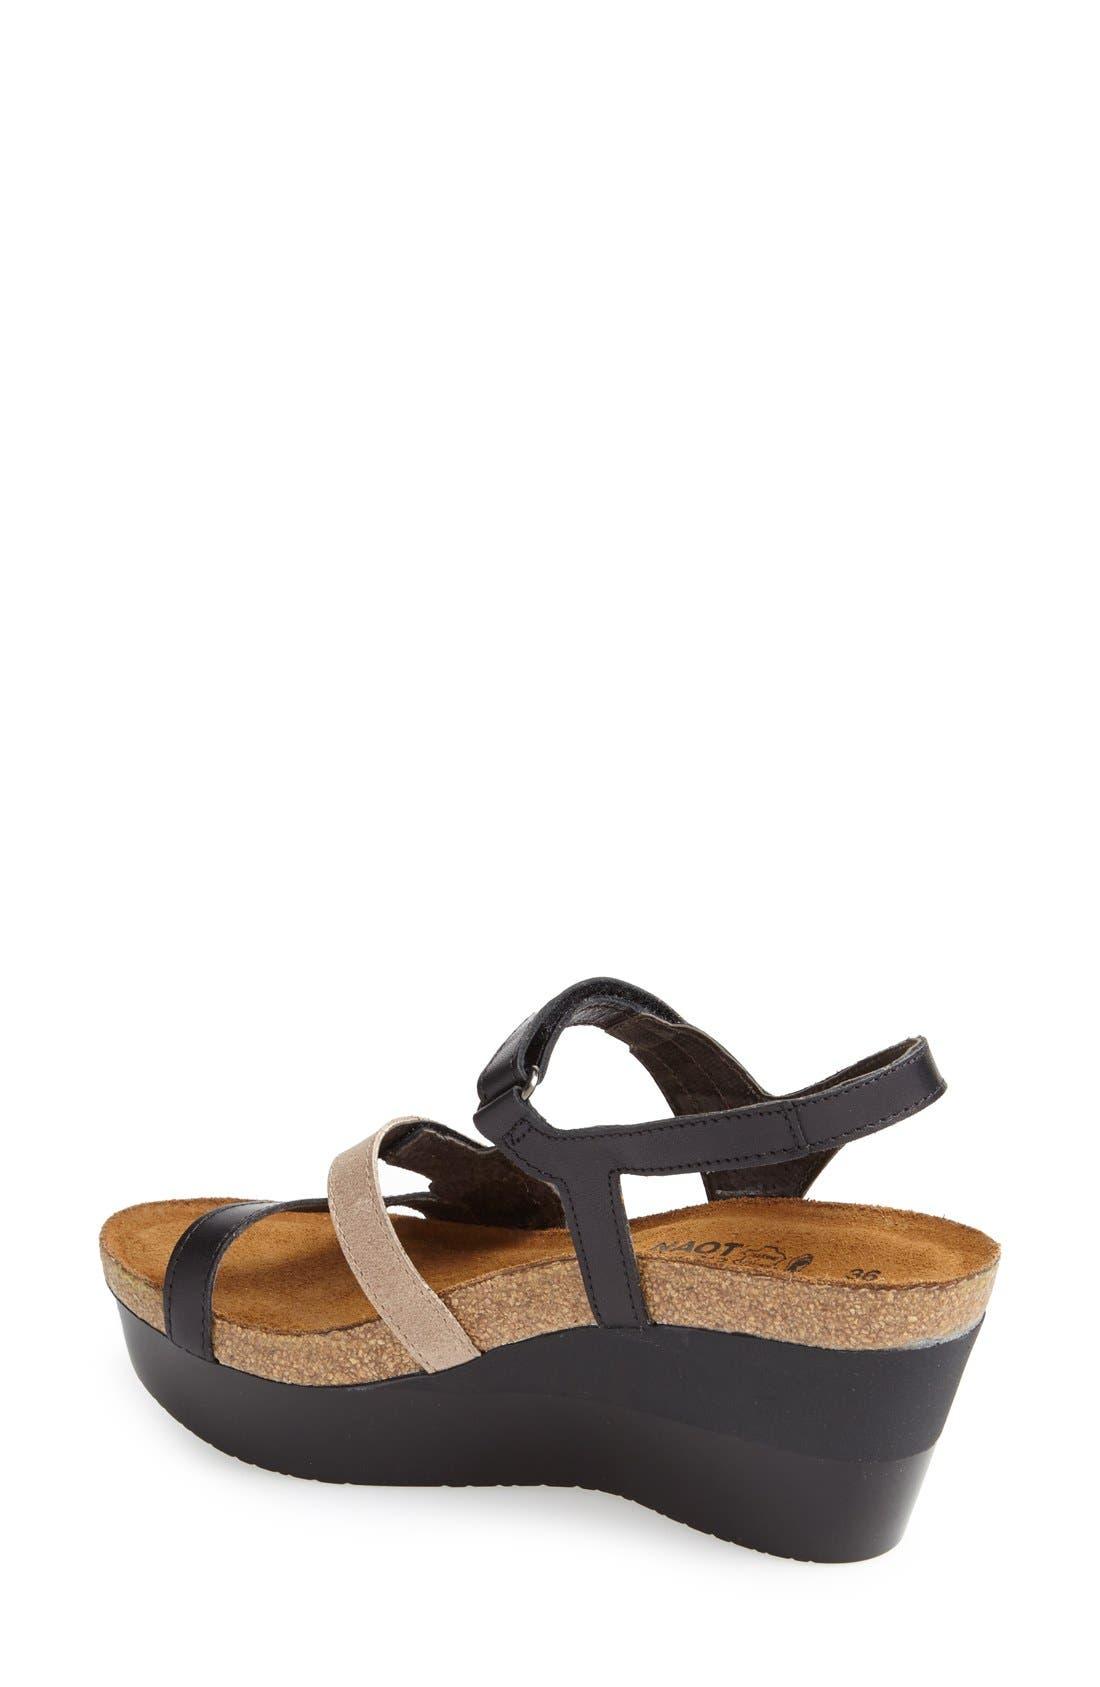 'Canaan' Wedge Sandal,                             Alternate thumbnail 2, color,                             Black/ Beige